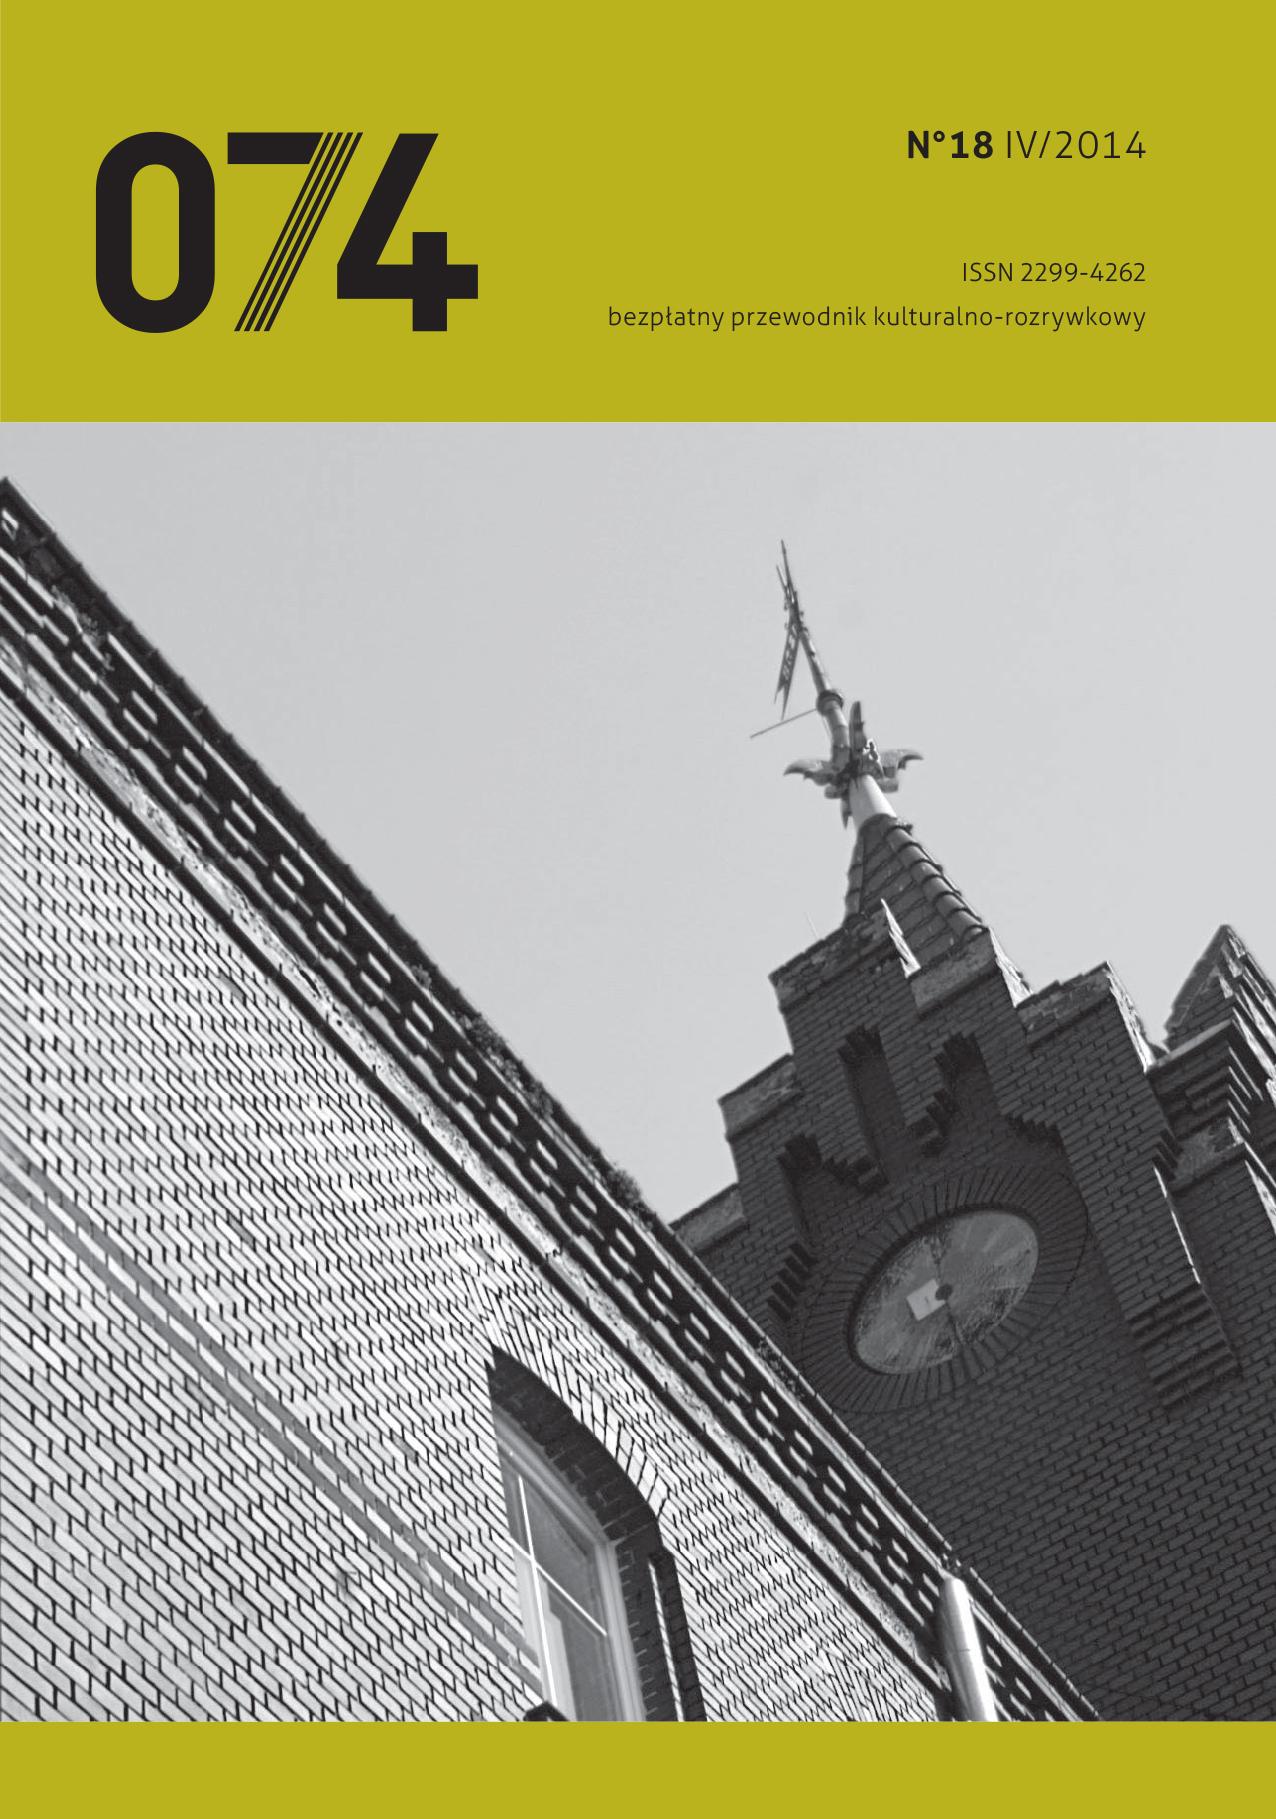 074: informator kulturalno-rozrywkowy (nr 18)